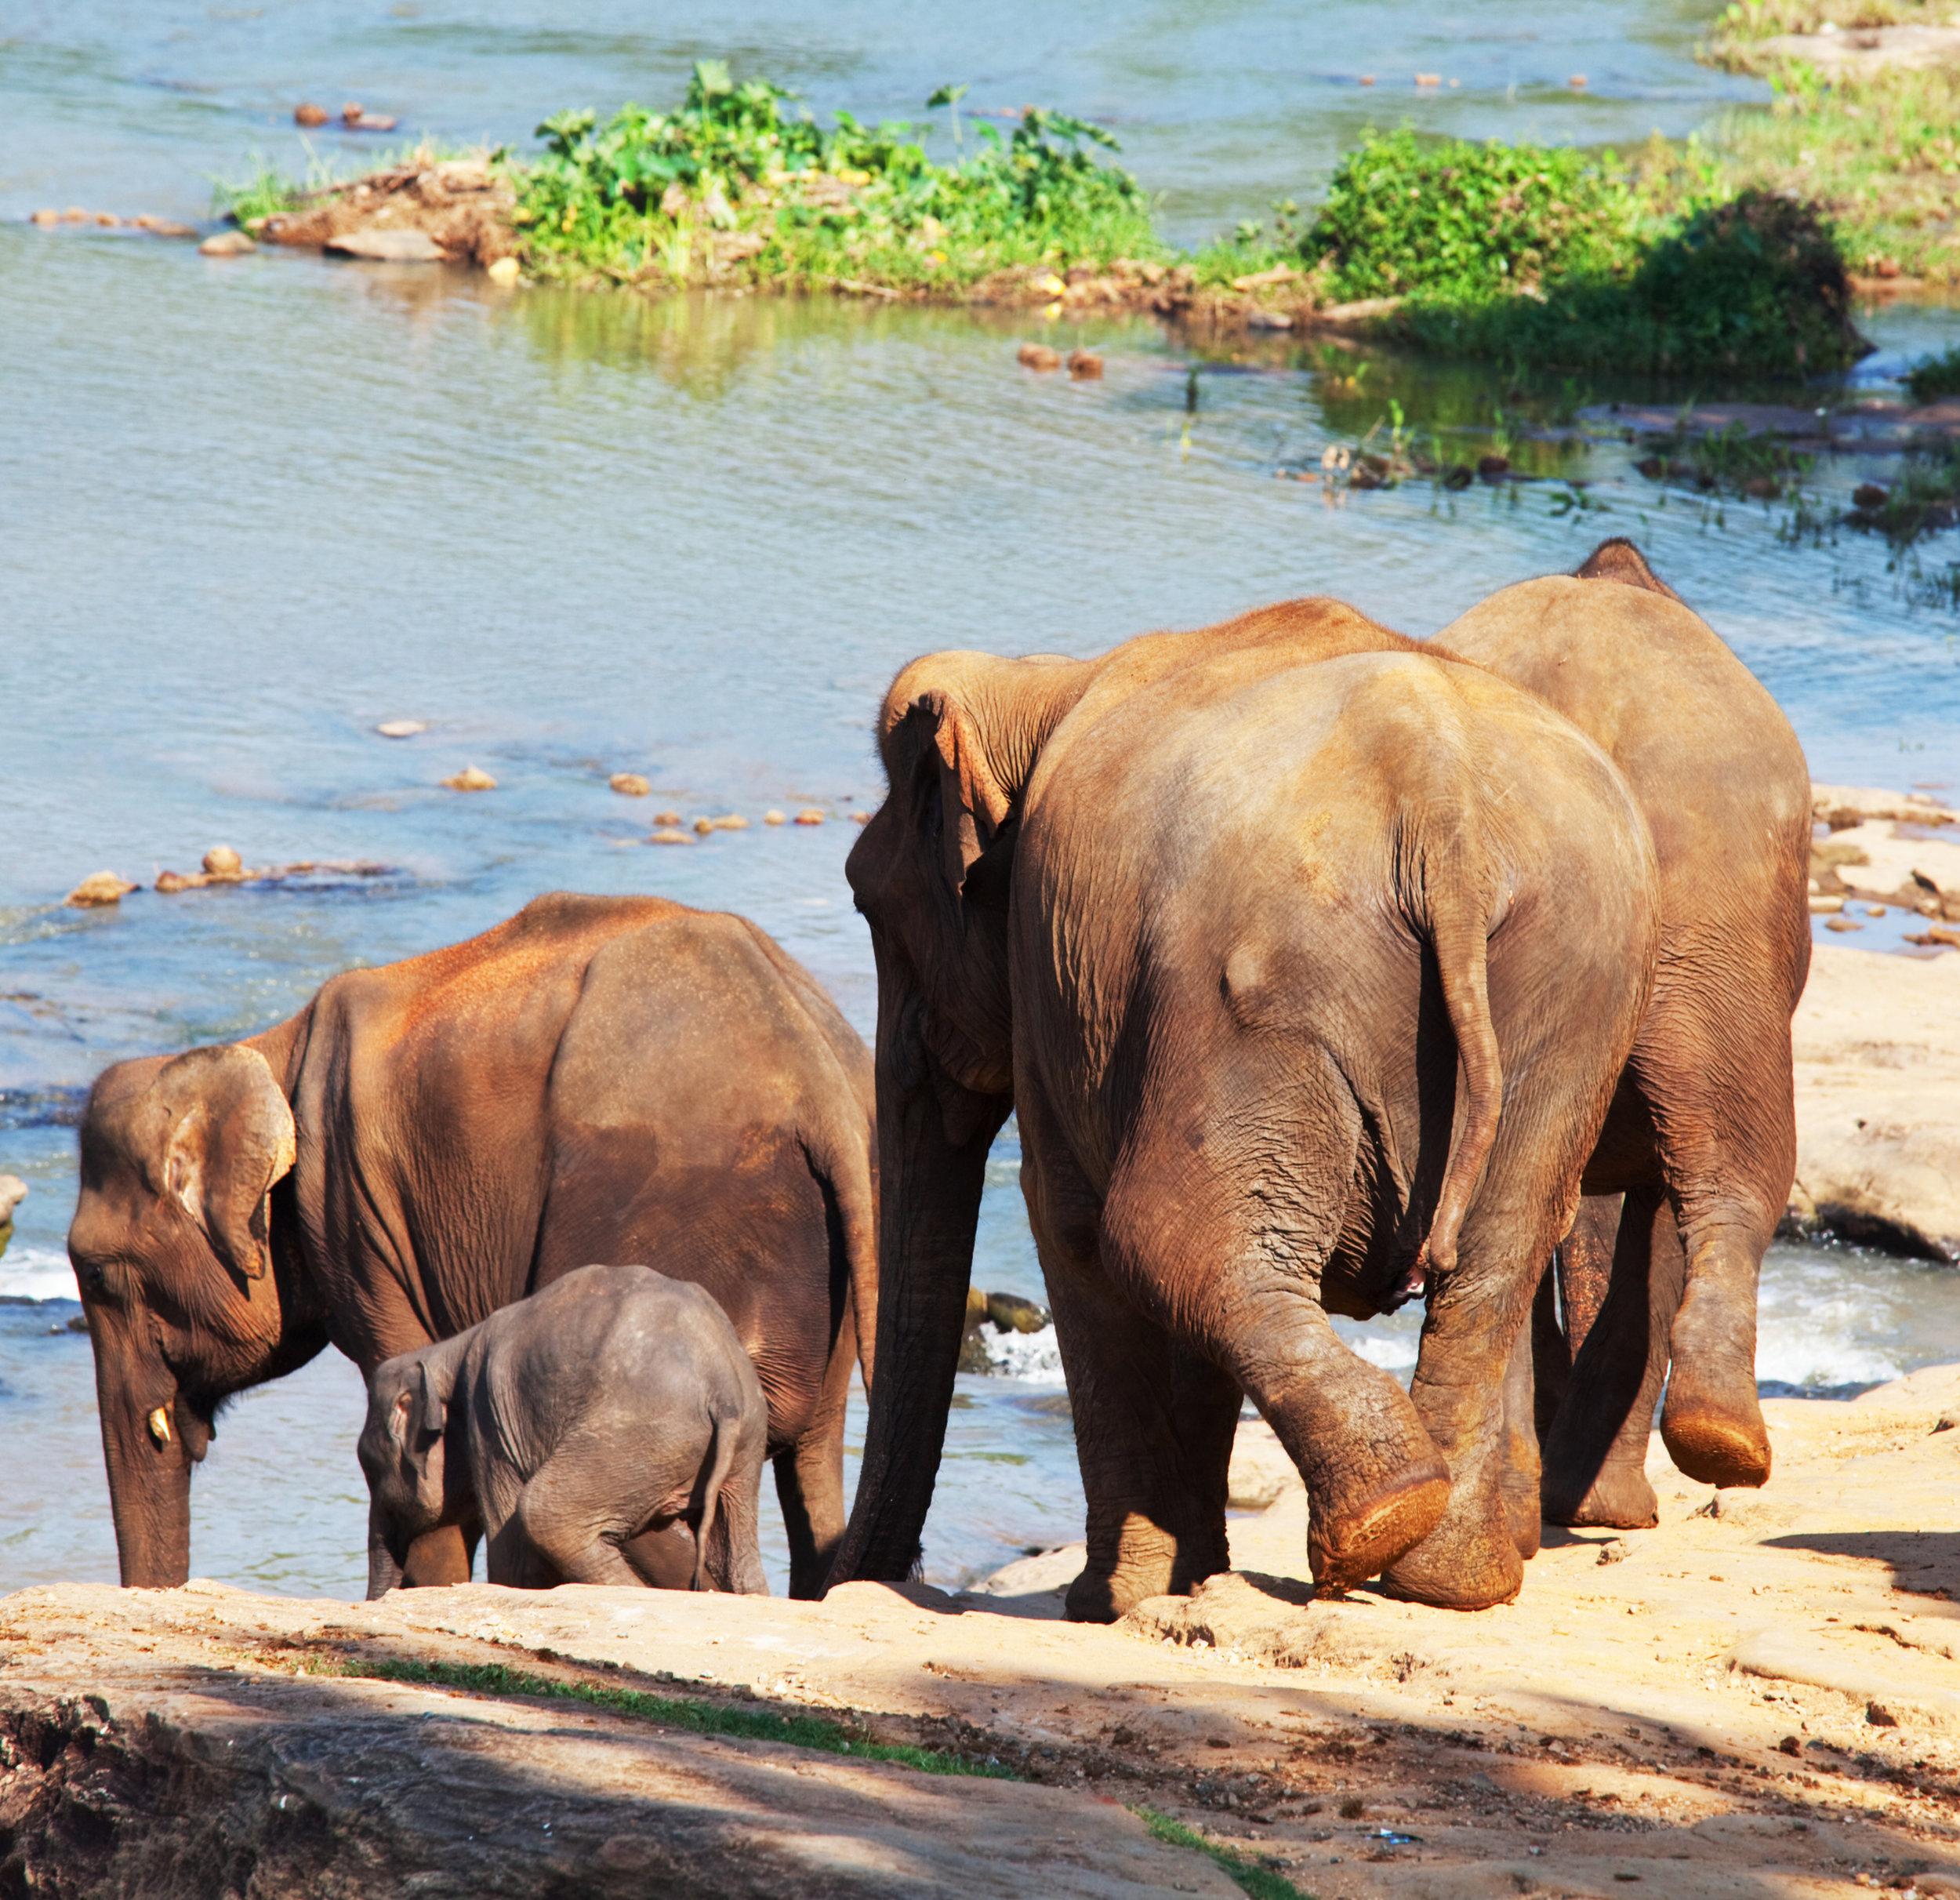 invite-to-paradise-sri-lanka-holiday-honeymoon-pinnawala-elephant-orphanage-river-4.jpg